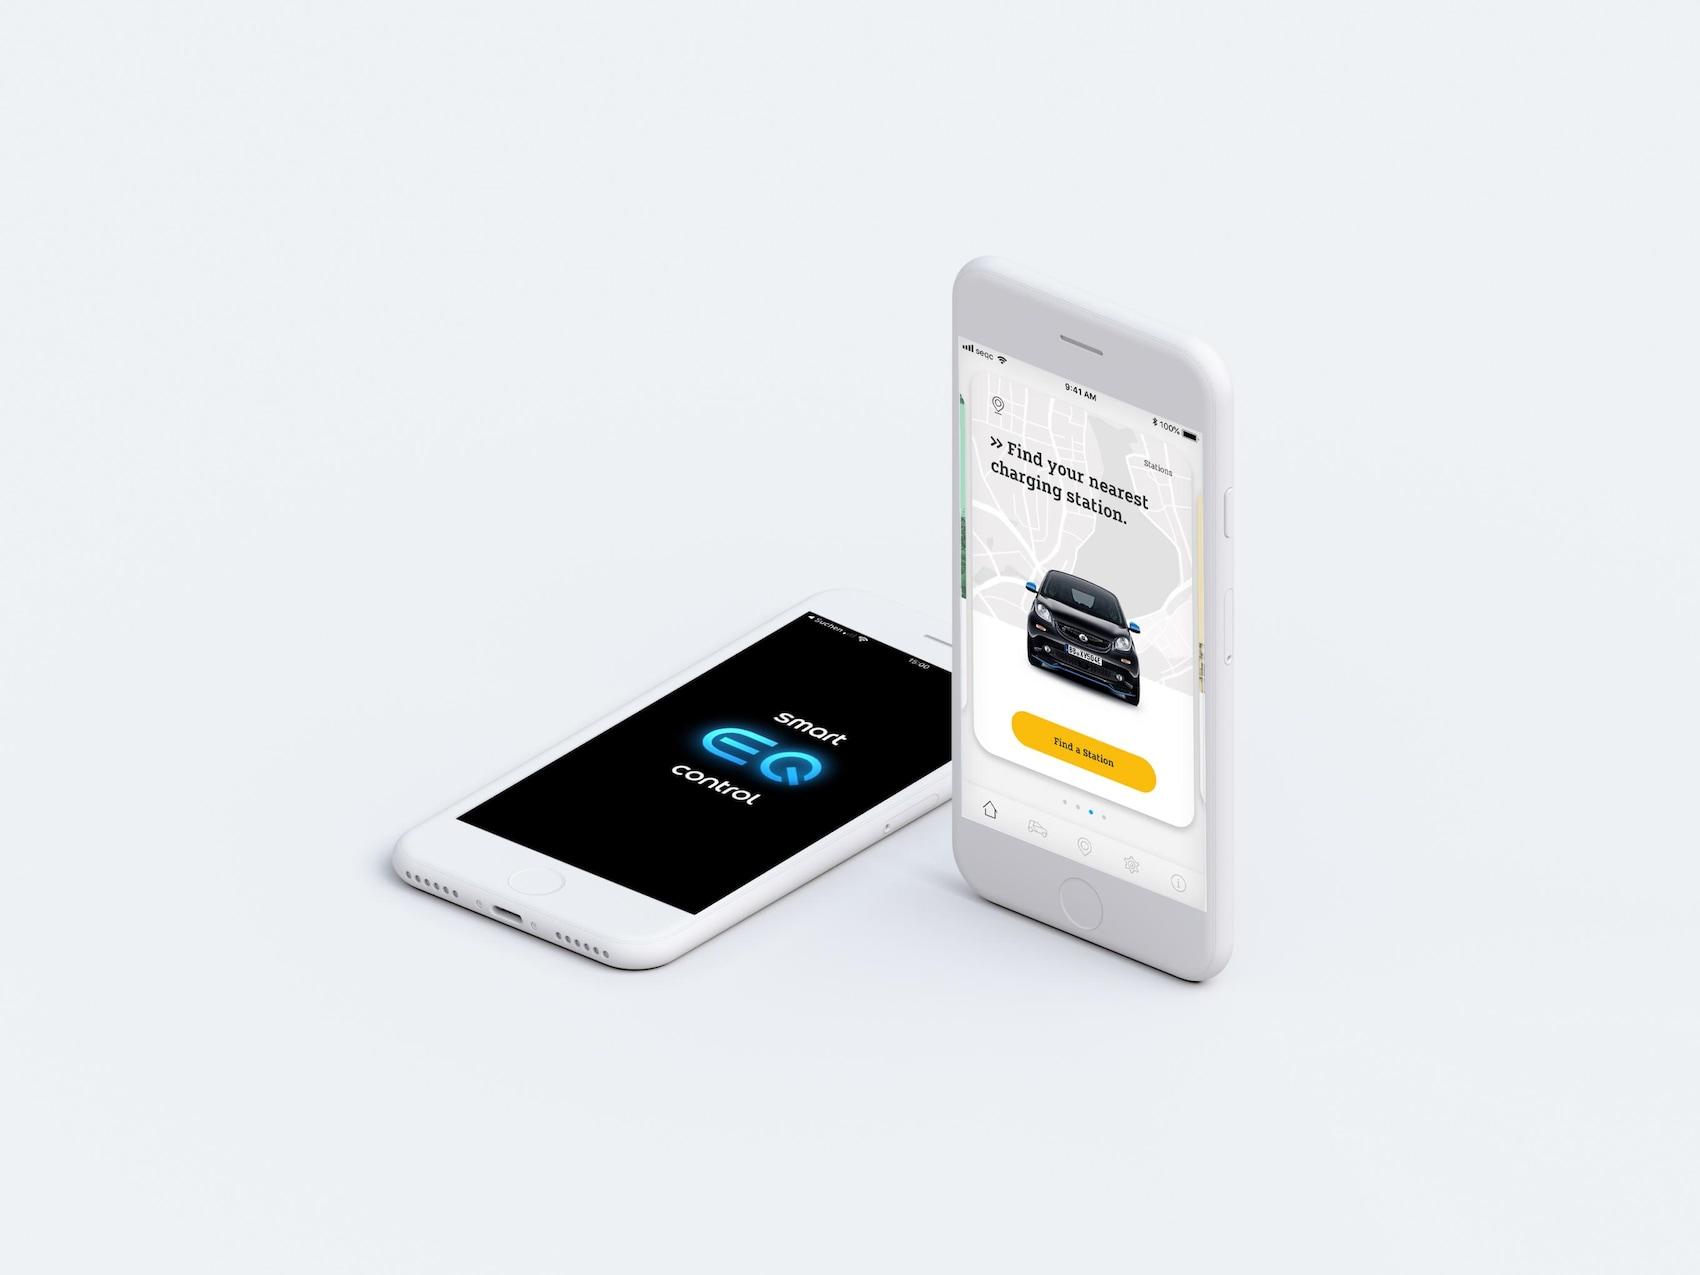 Ecran d'accueil de l'appli smart EQ control.